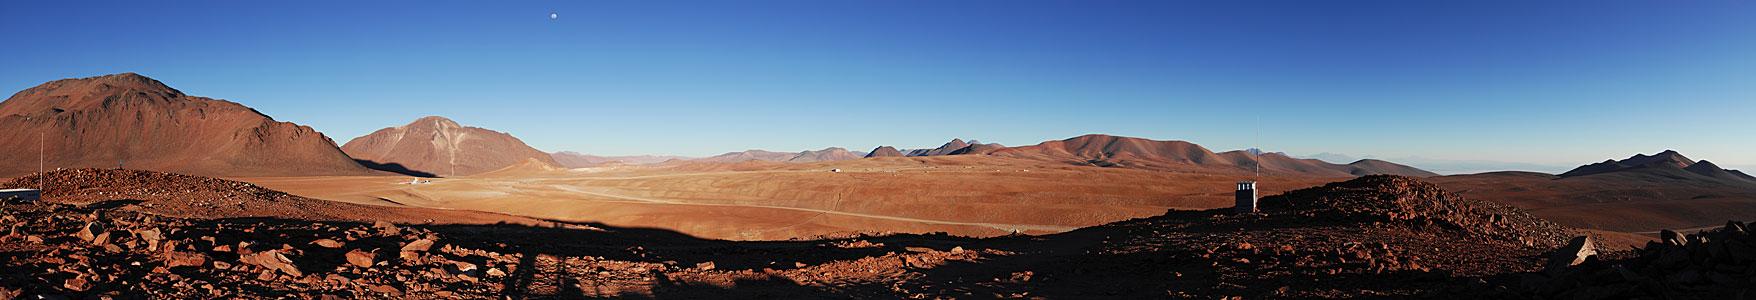 Chajnantor panorama